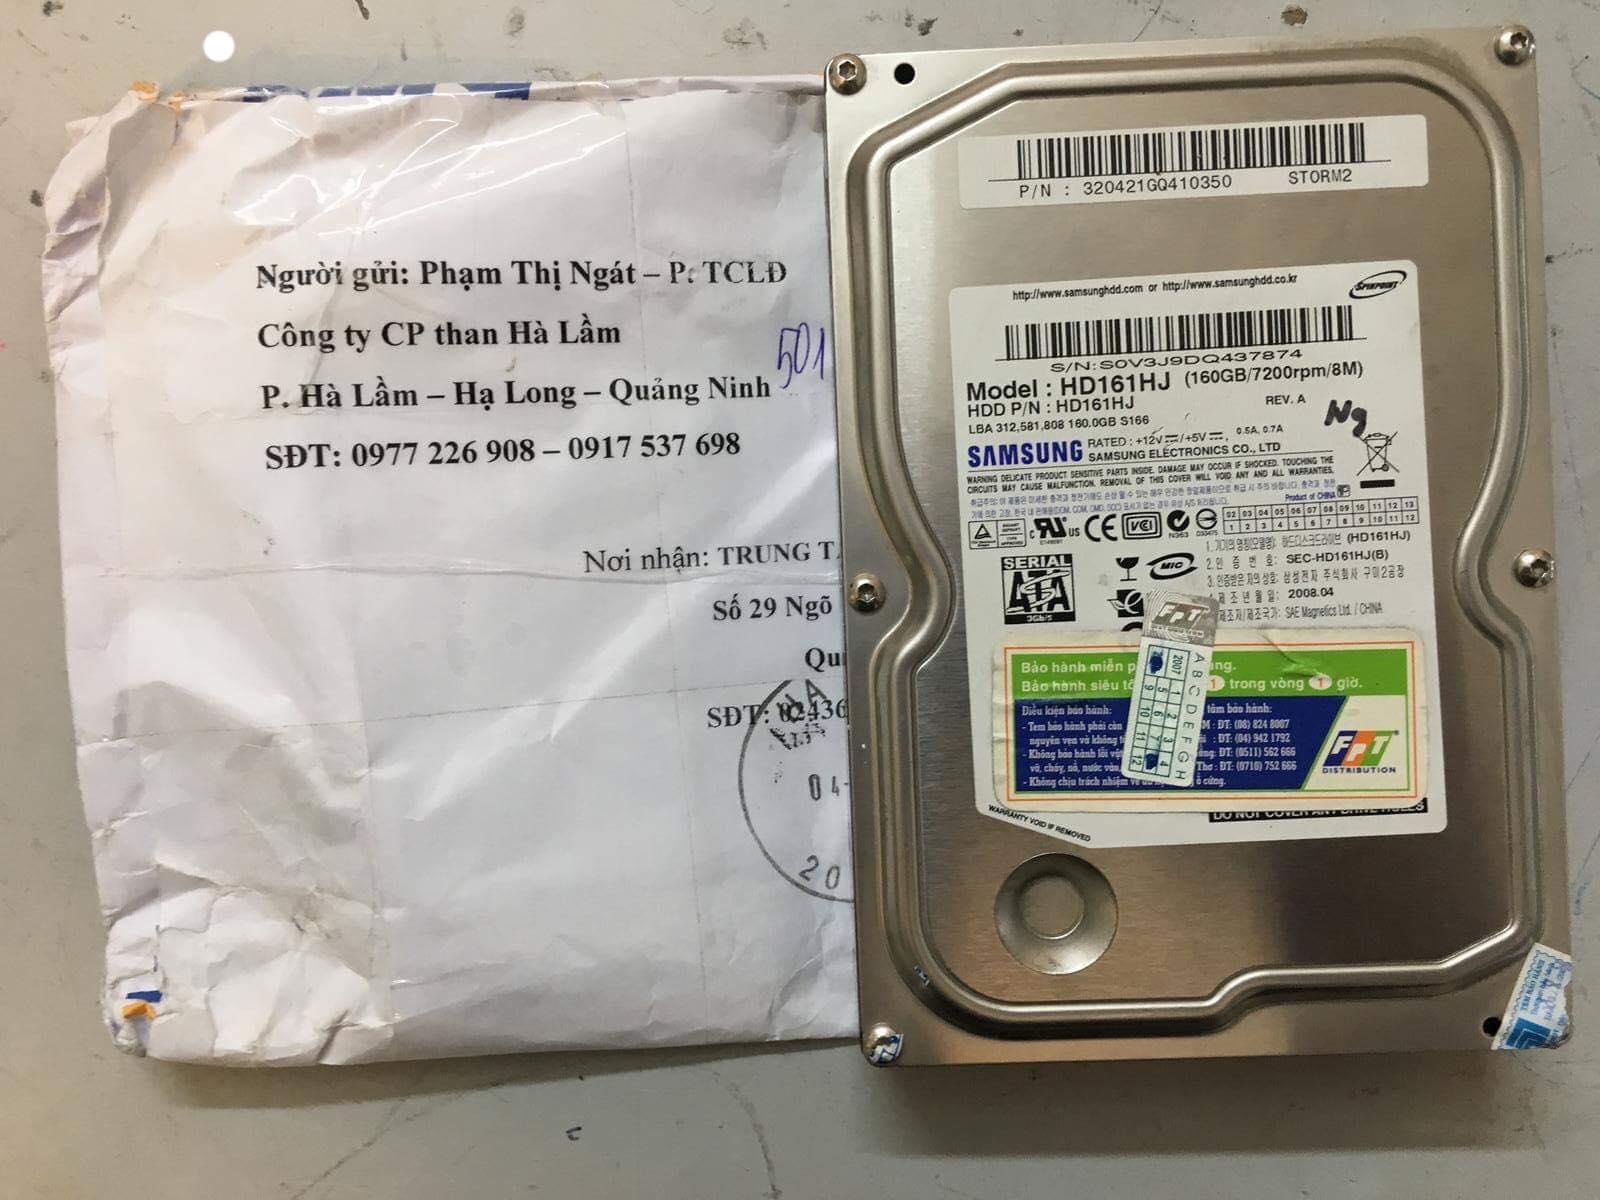 Khôi phục dữ liệu ổ cứng Samsung 160GB không nhận tại Quảng Ninh 04/03/2019 cuumaytinh